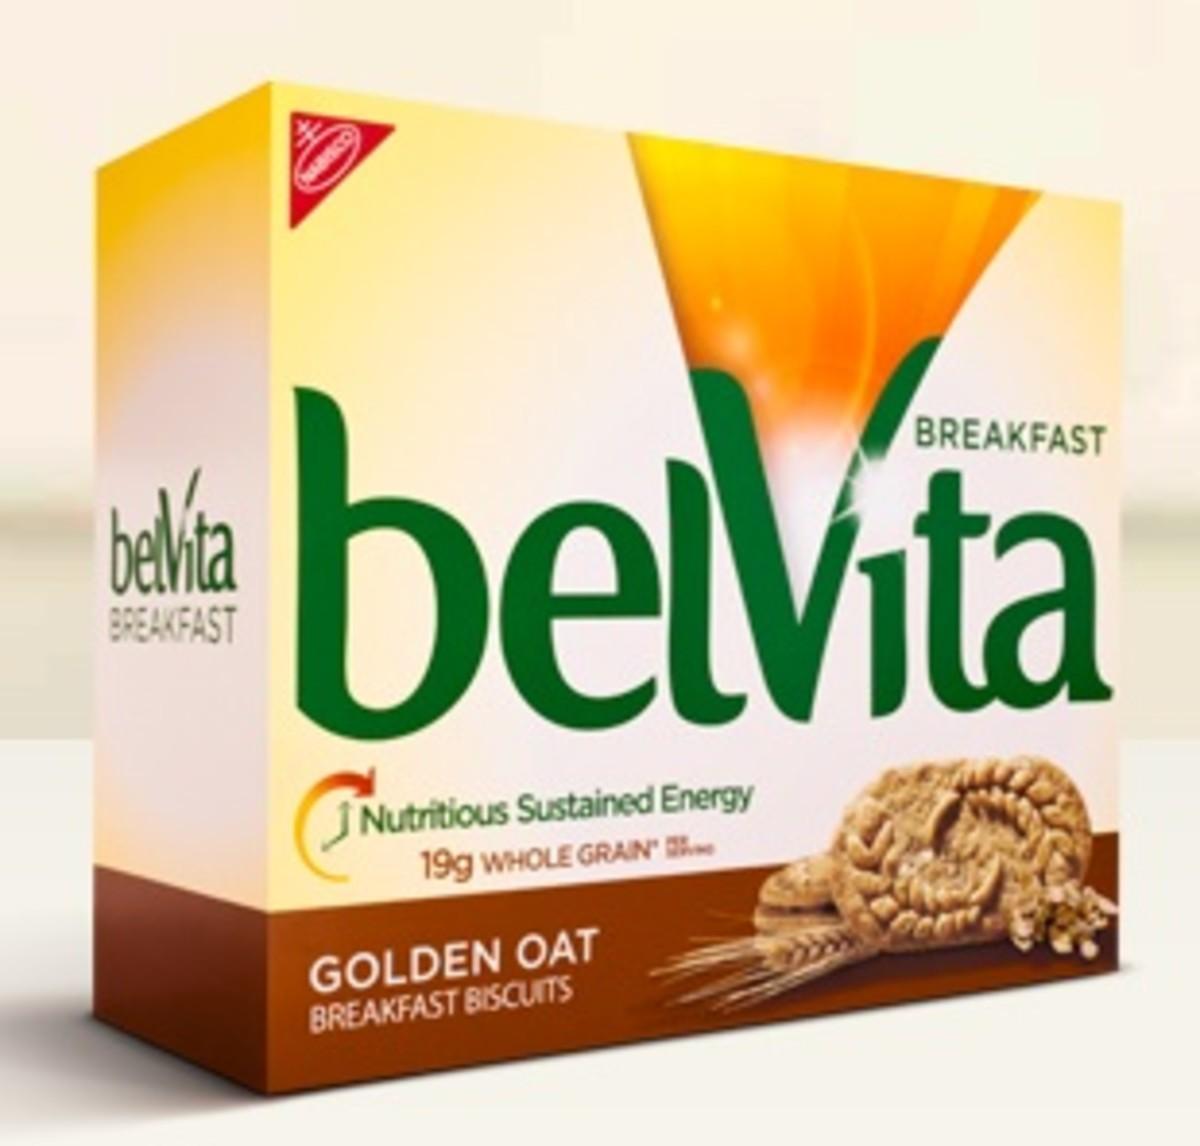 belvita 2